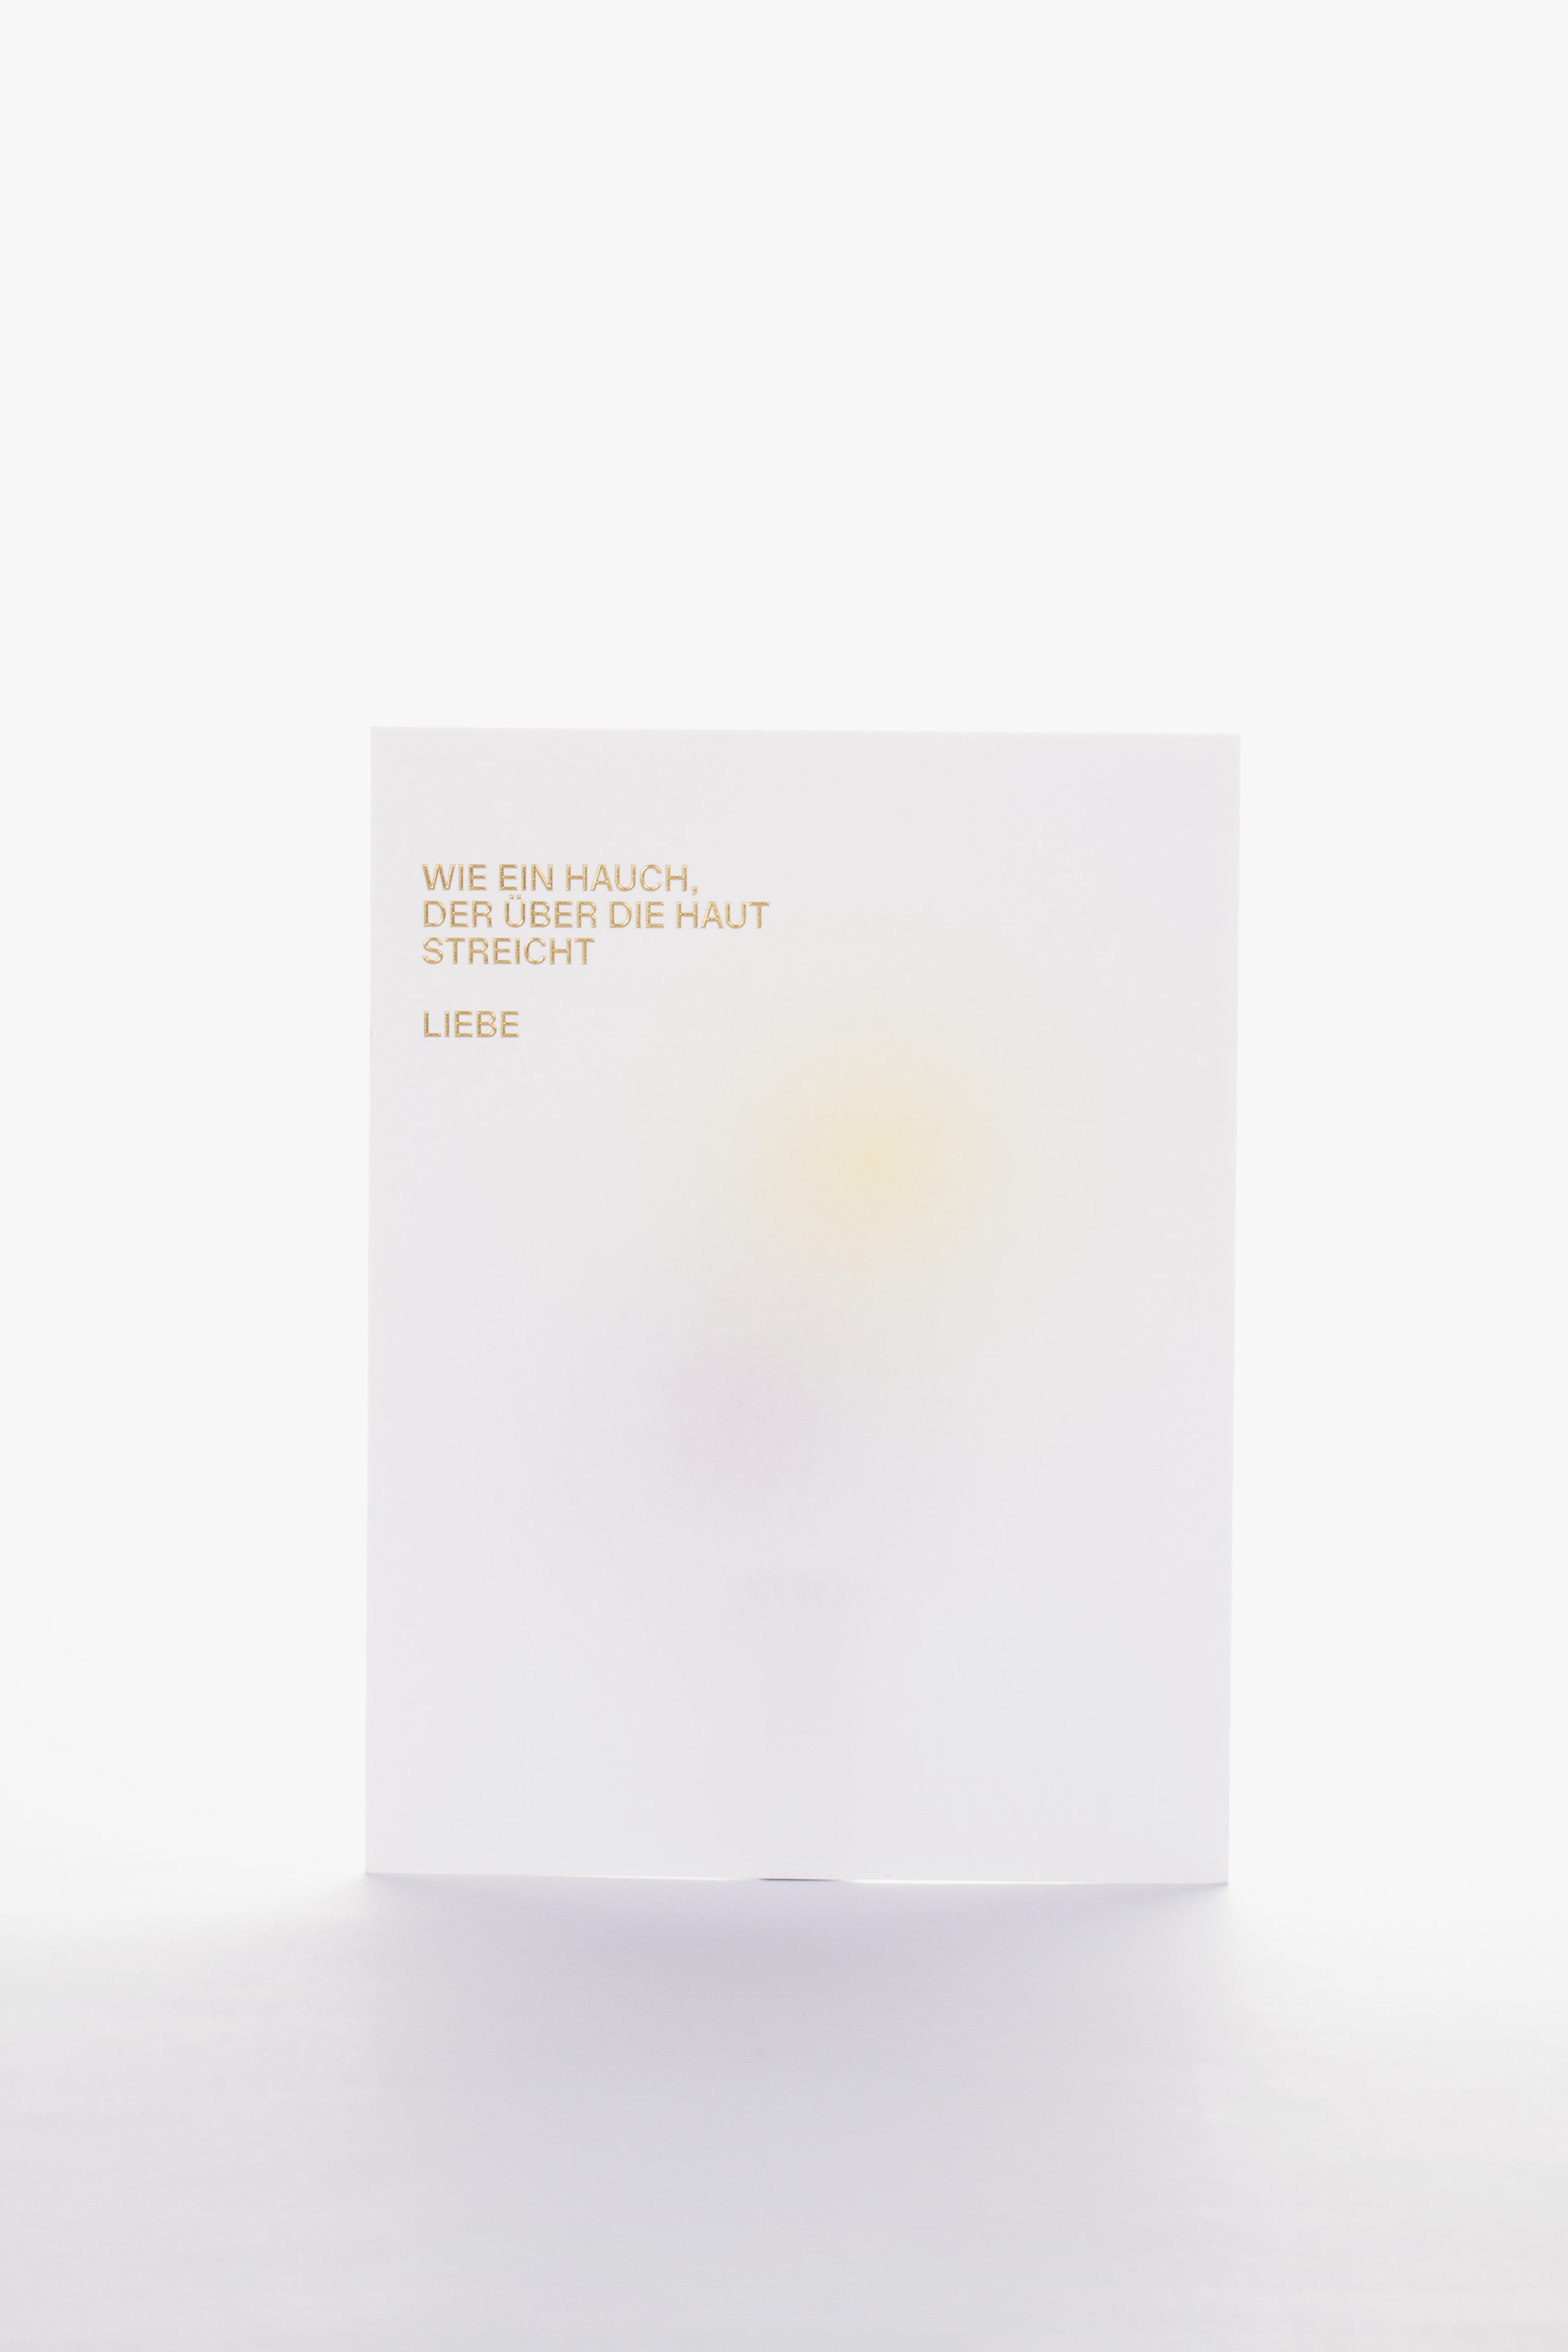 Tanner Druck AG, Weihnachtskarte mit Prägung ruethy Goldschmiede